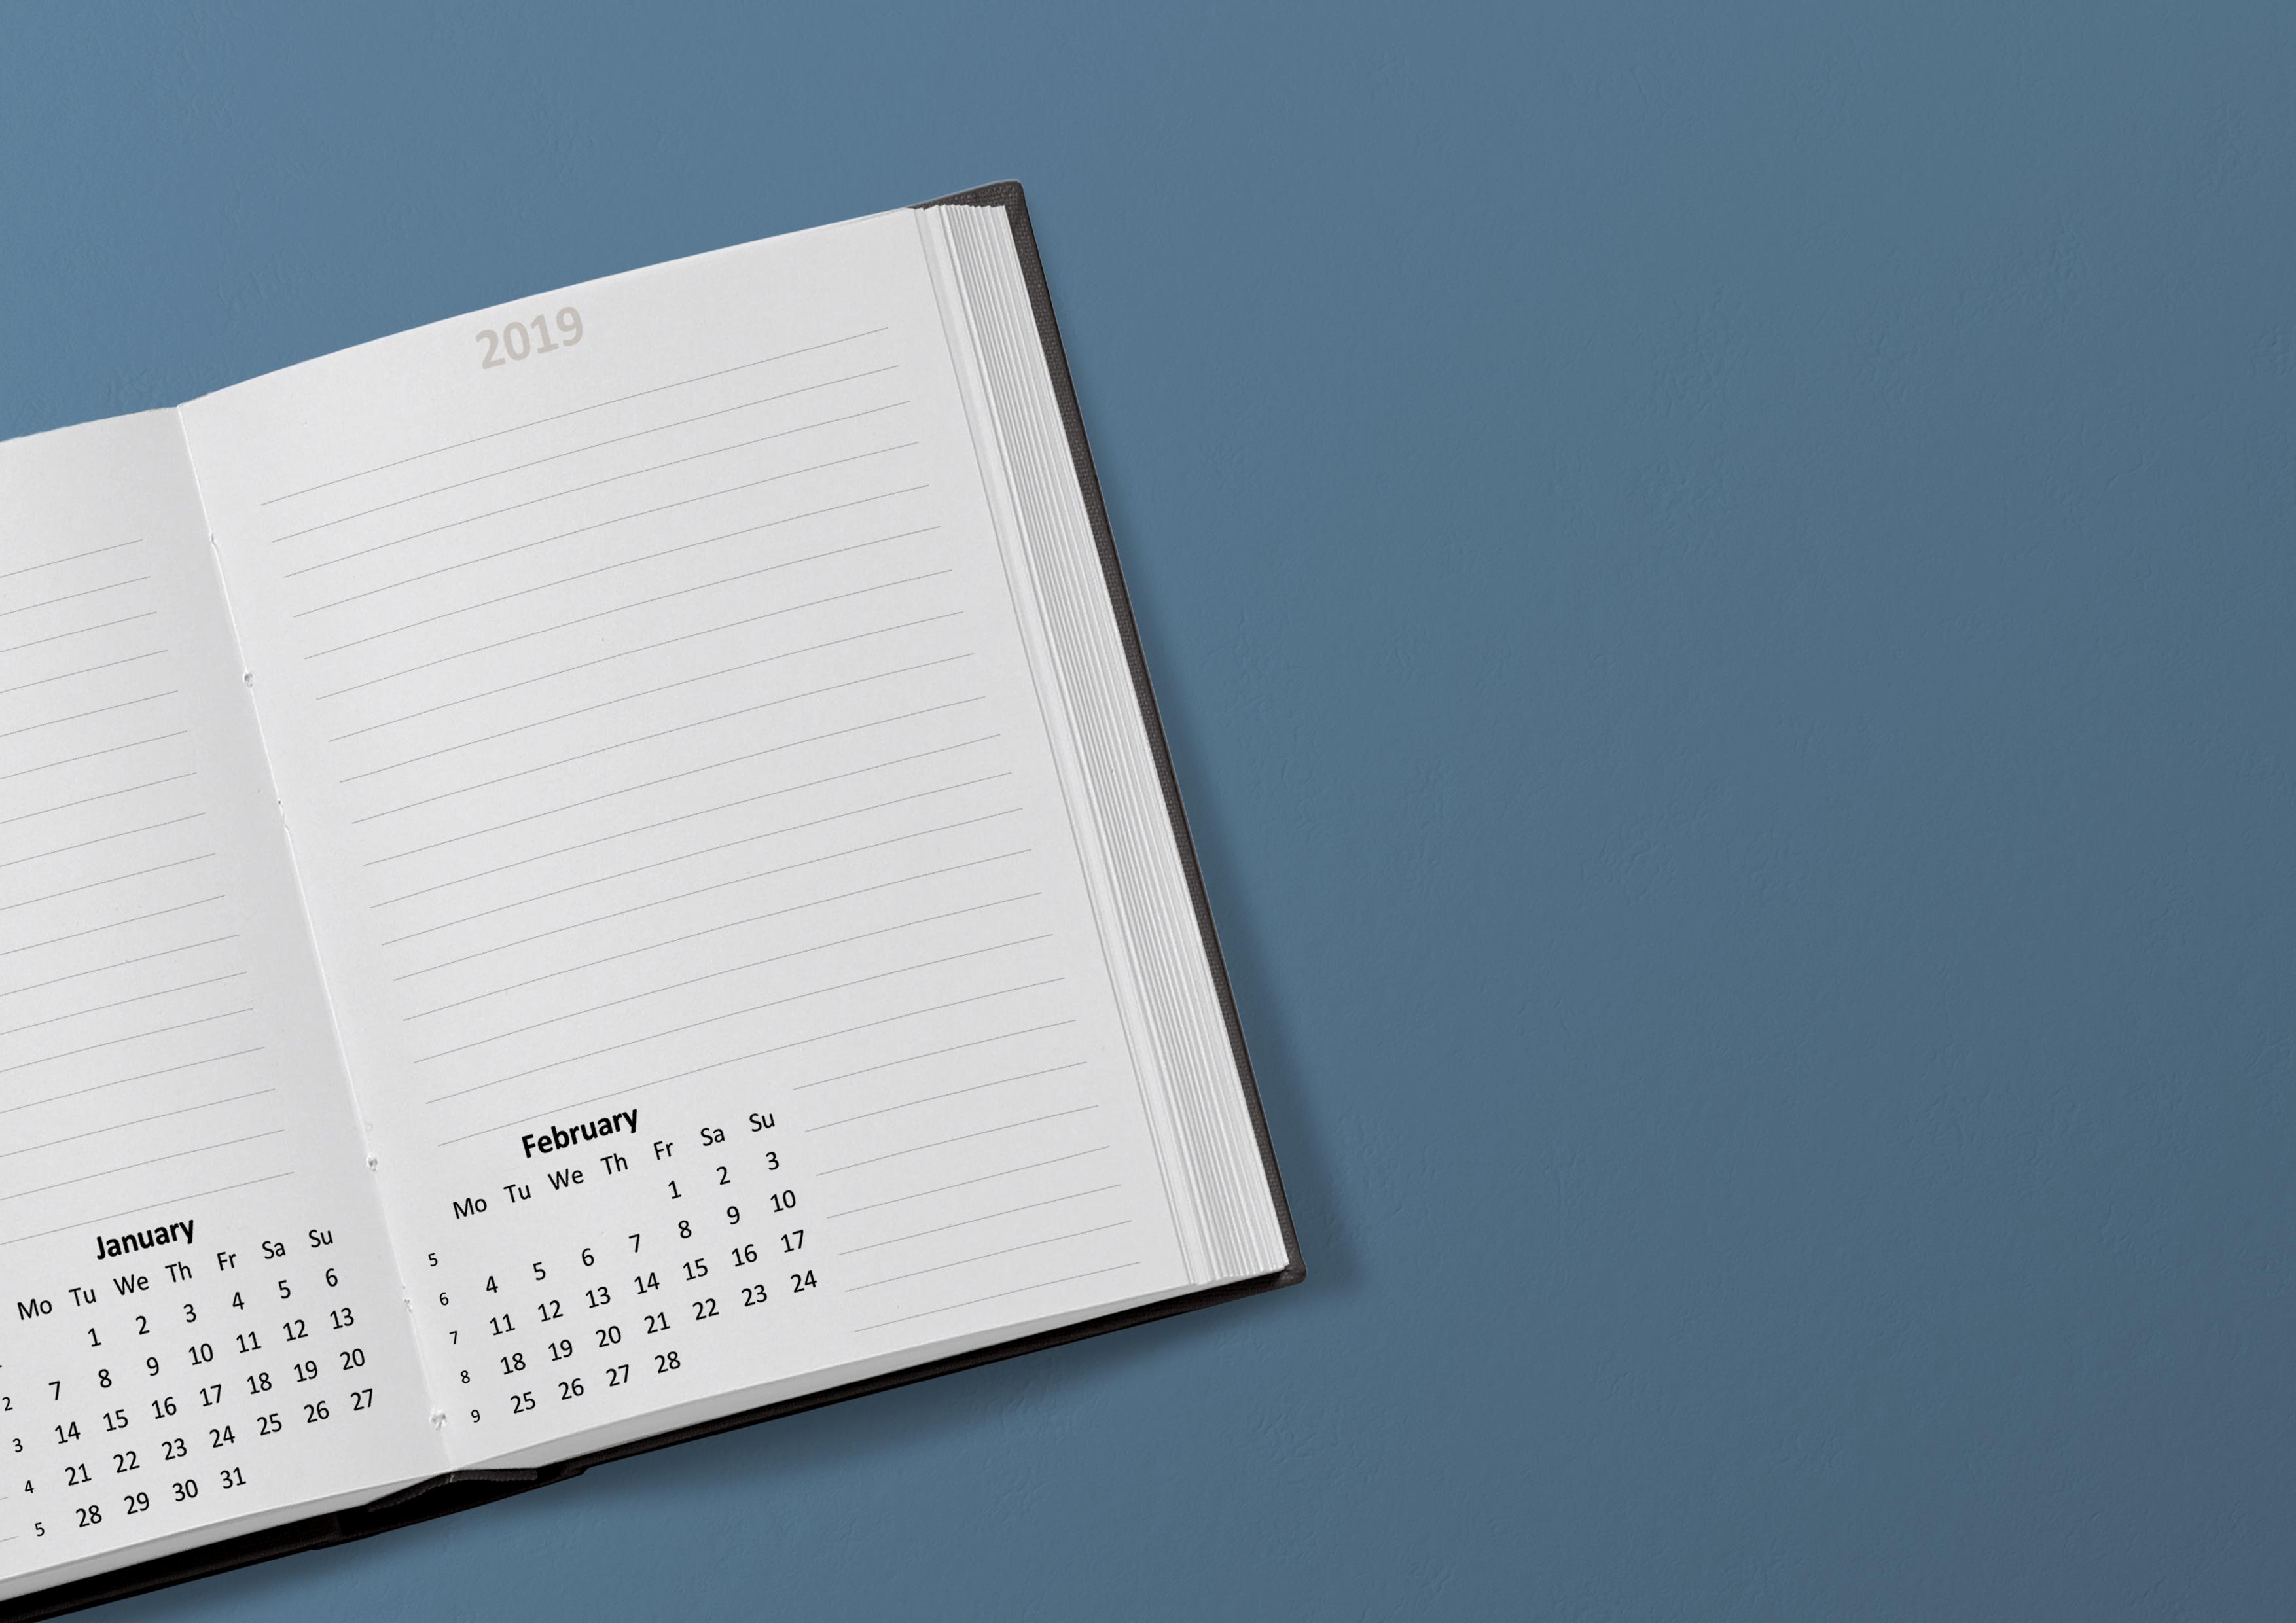 hình ảnh : lịch, 2019, ngày, tháng Giêng, Tháng hai, tuần, bàn, Chương trình nghị sự, Ghi chú, sổ tay, mở sách, giấy, Văn phòng, thông tin, kinh doanh, ...